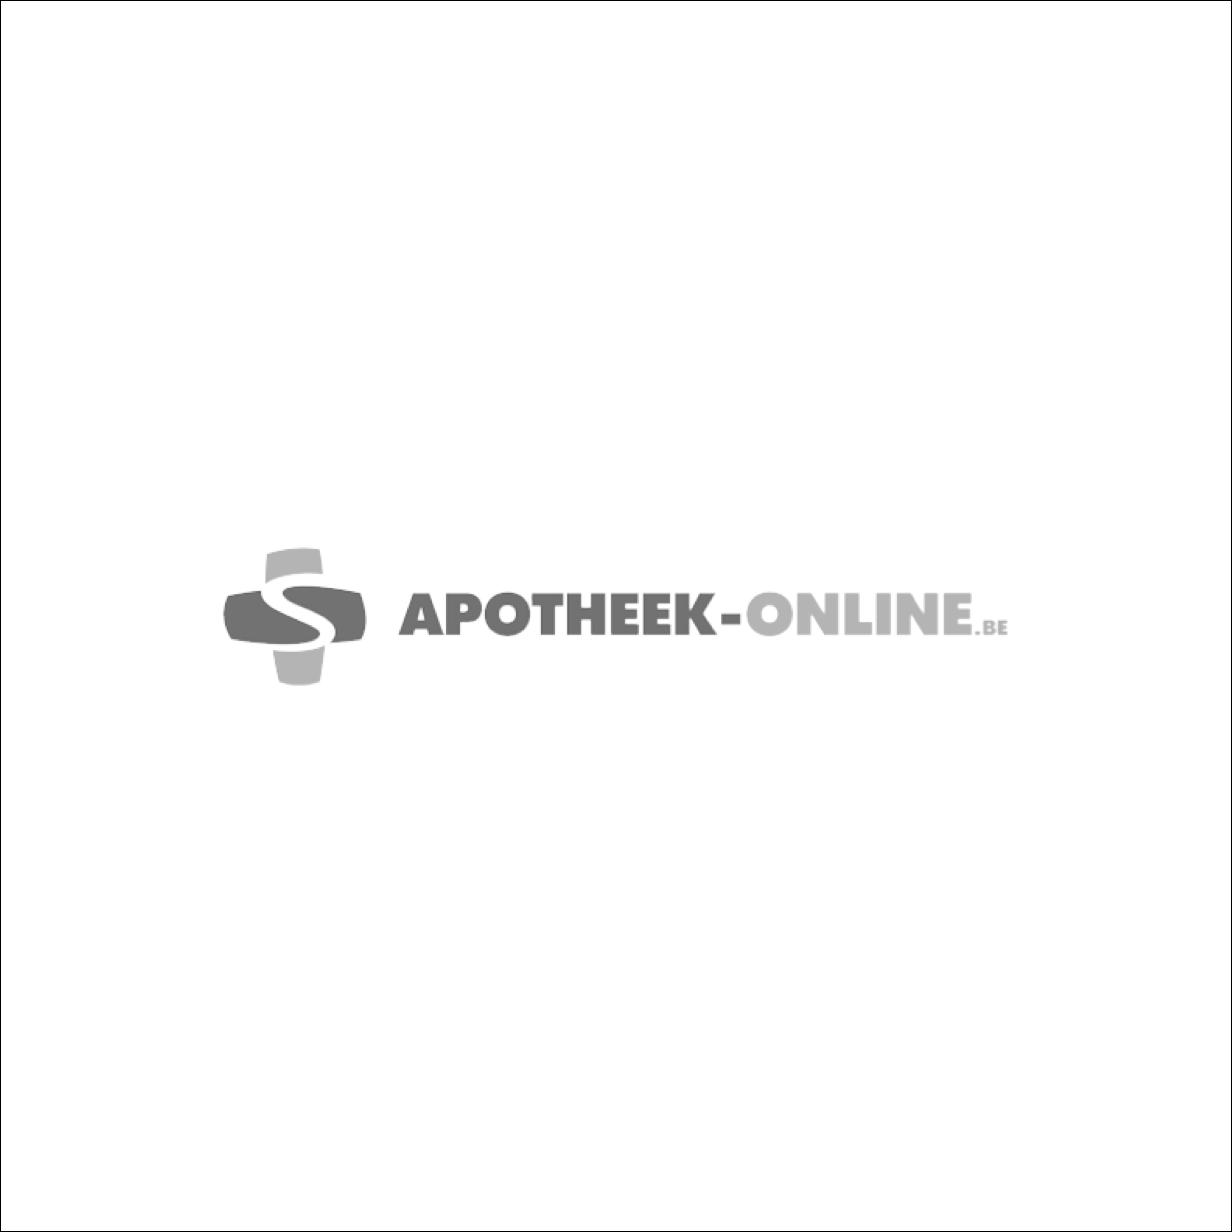 MEPORE FILM PANS STER TR. ADH 6X 7CM 10 270670